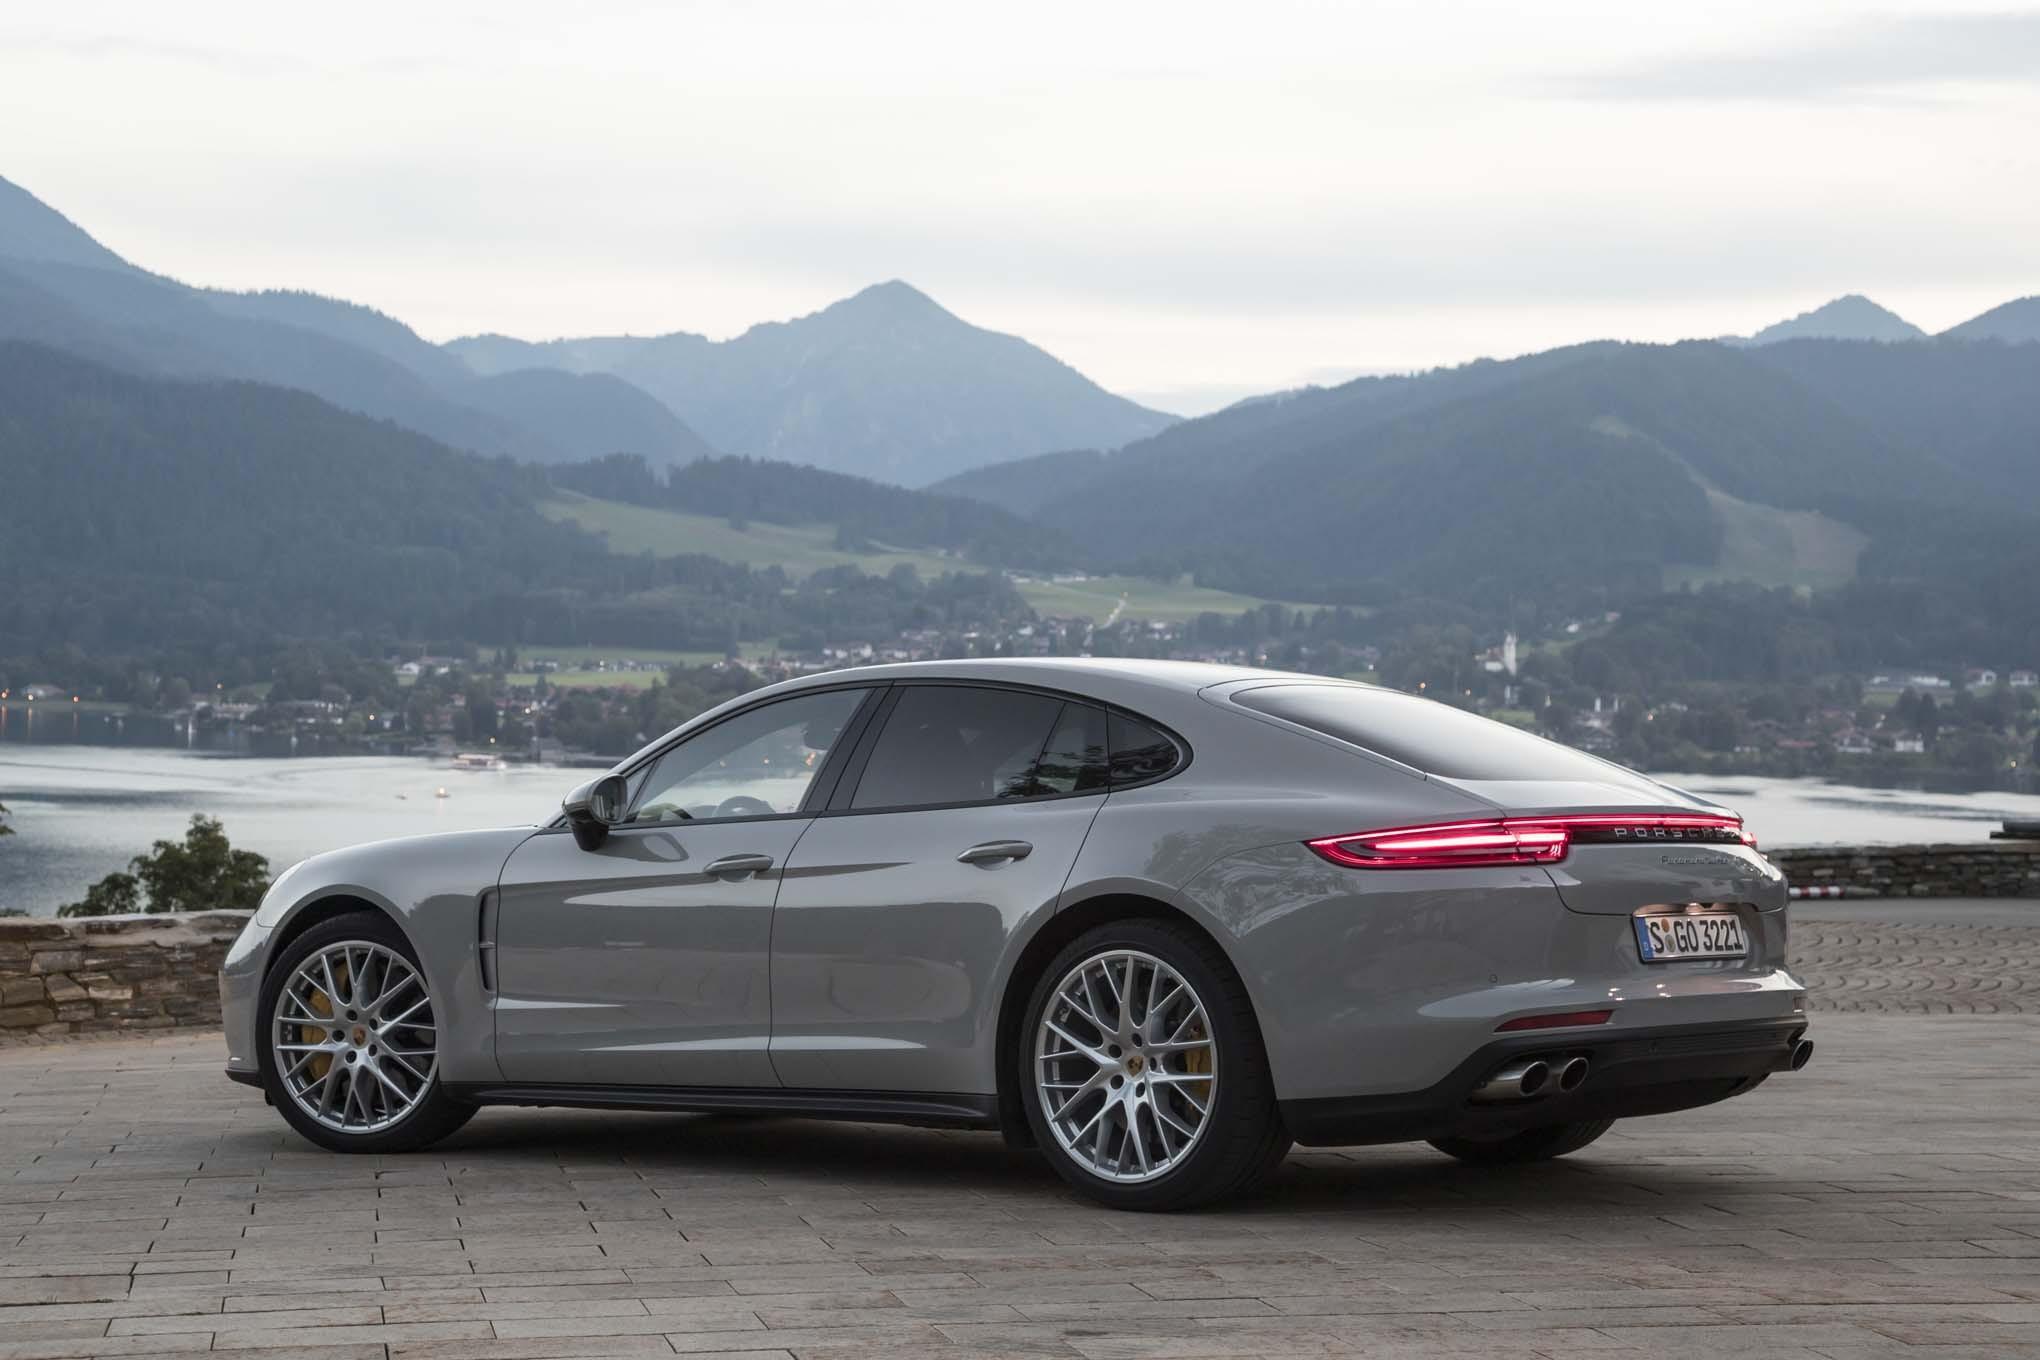 Porsche Panamera Pics